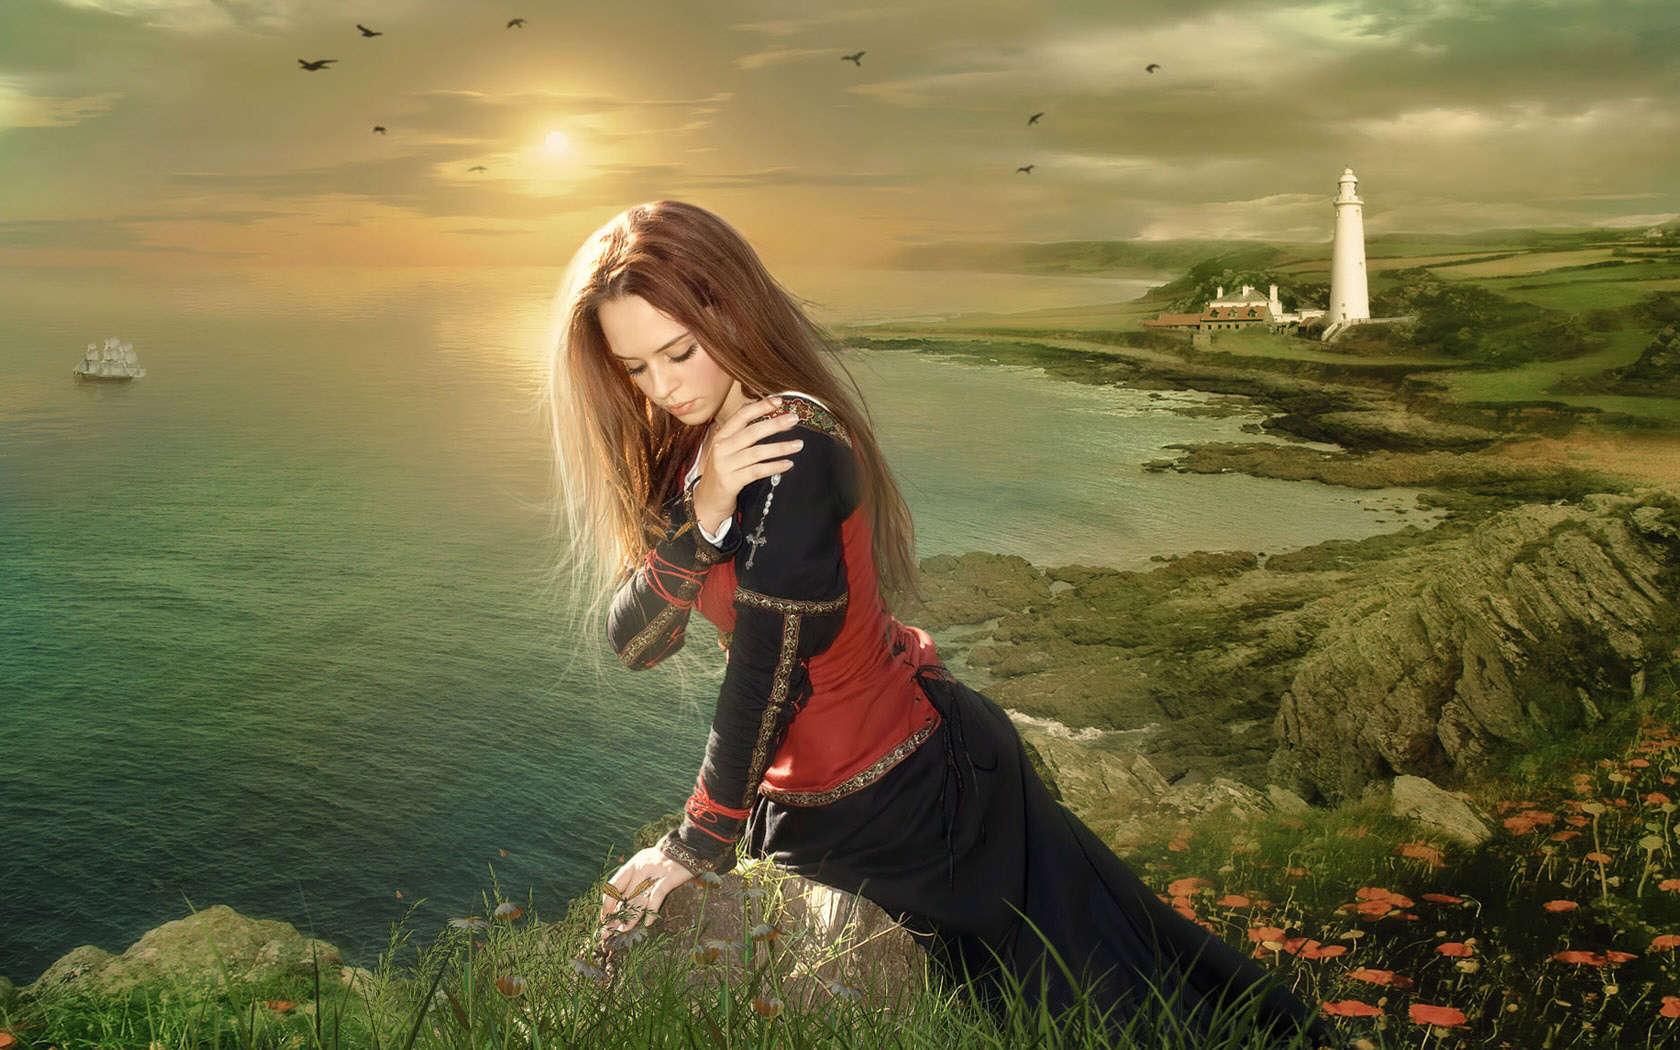 بالصور صور رومانسيه حزينه , صور رومانسيه جميله ومؤثره 4072 11